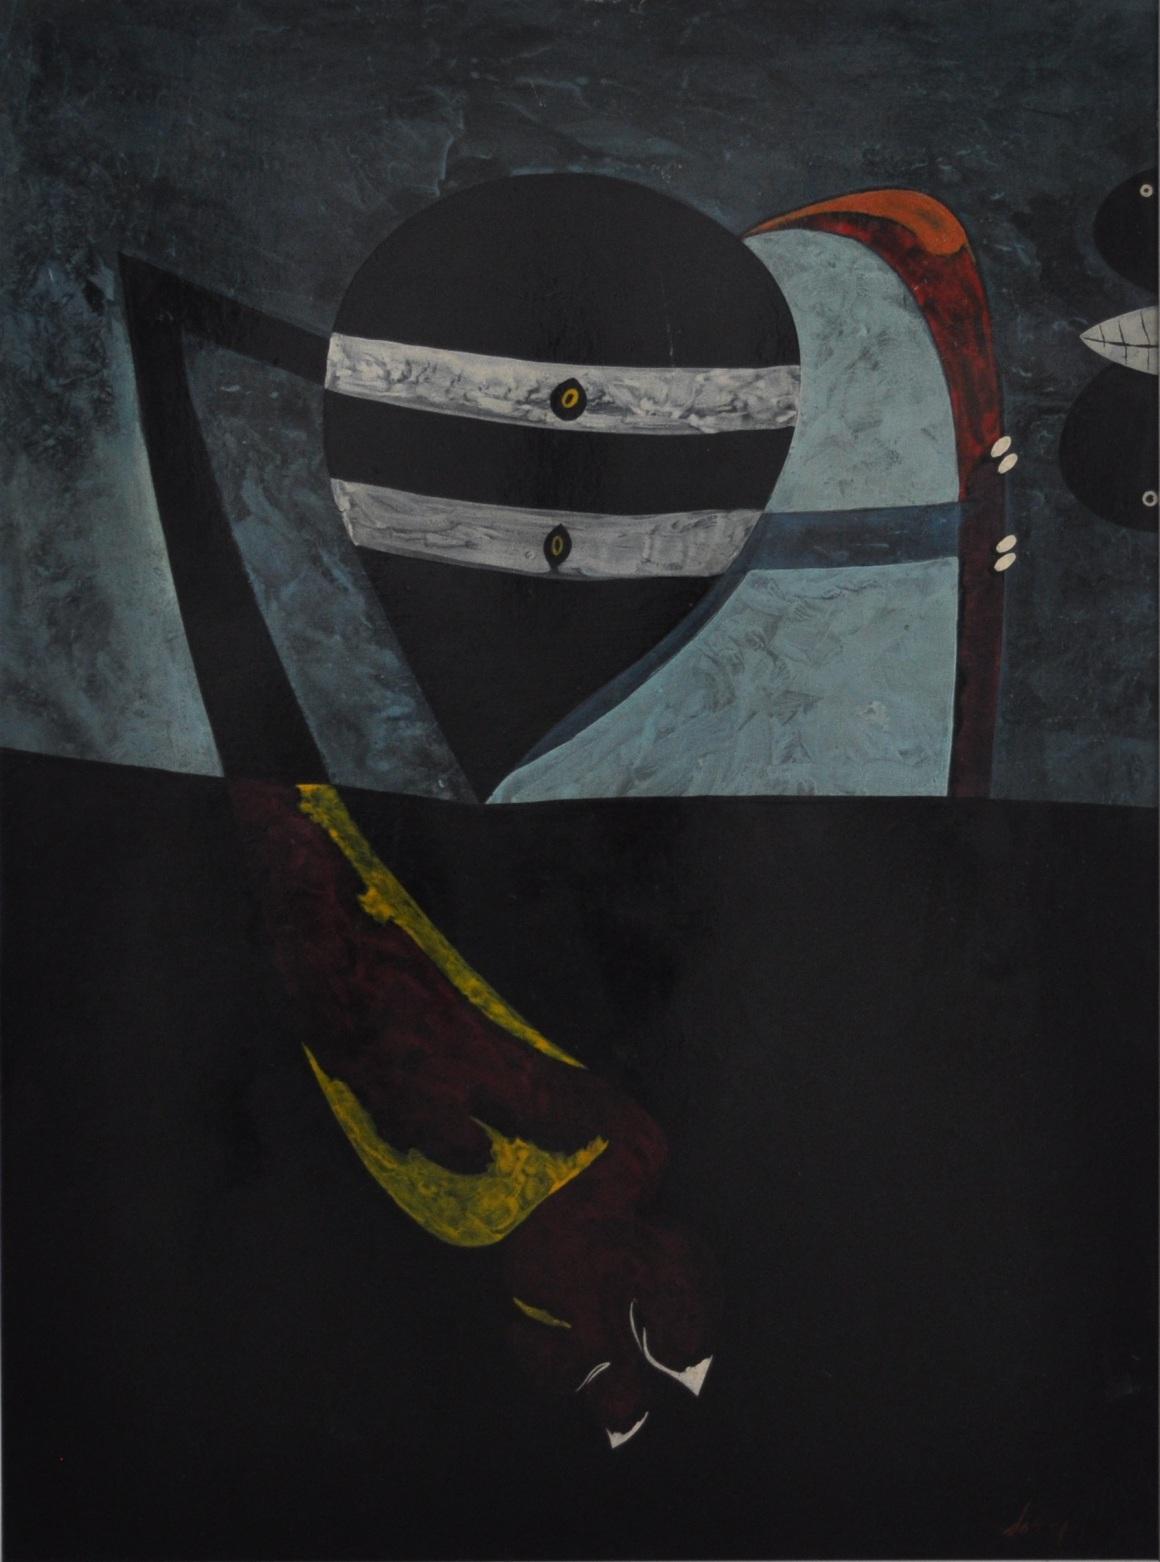 DOVA_Senza titolo, olio, 90 x 72 cm